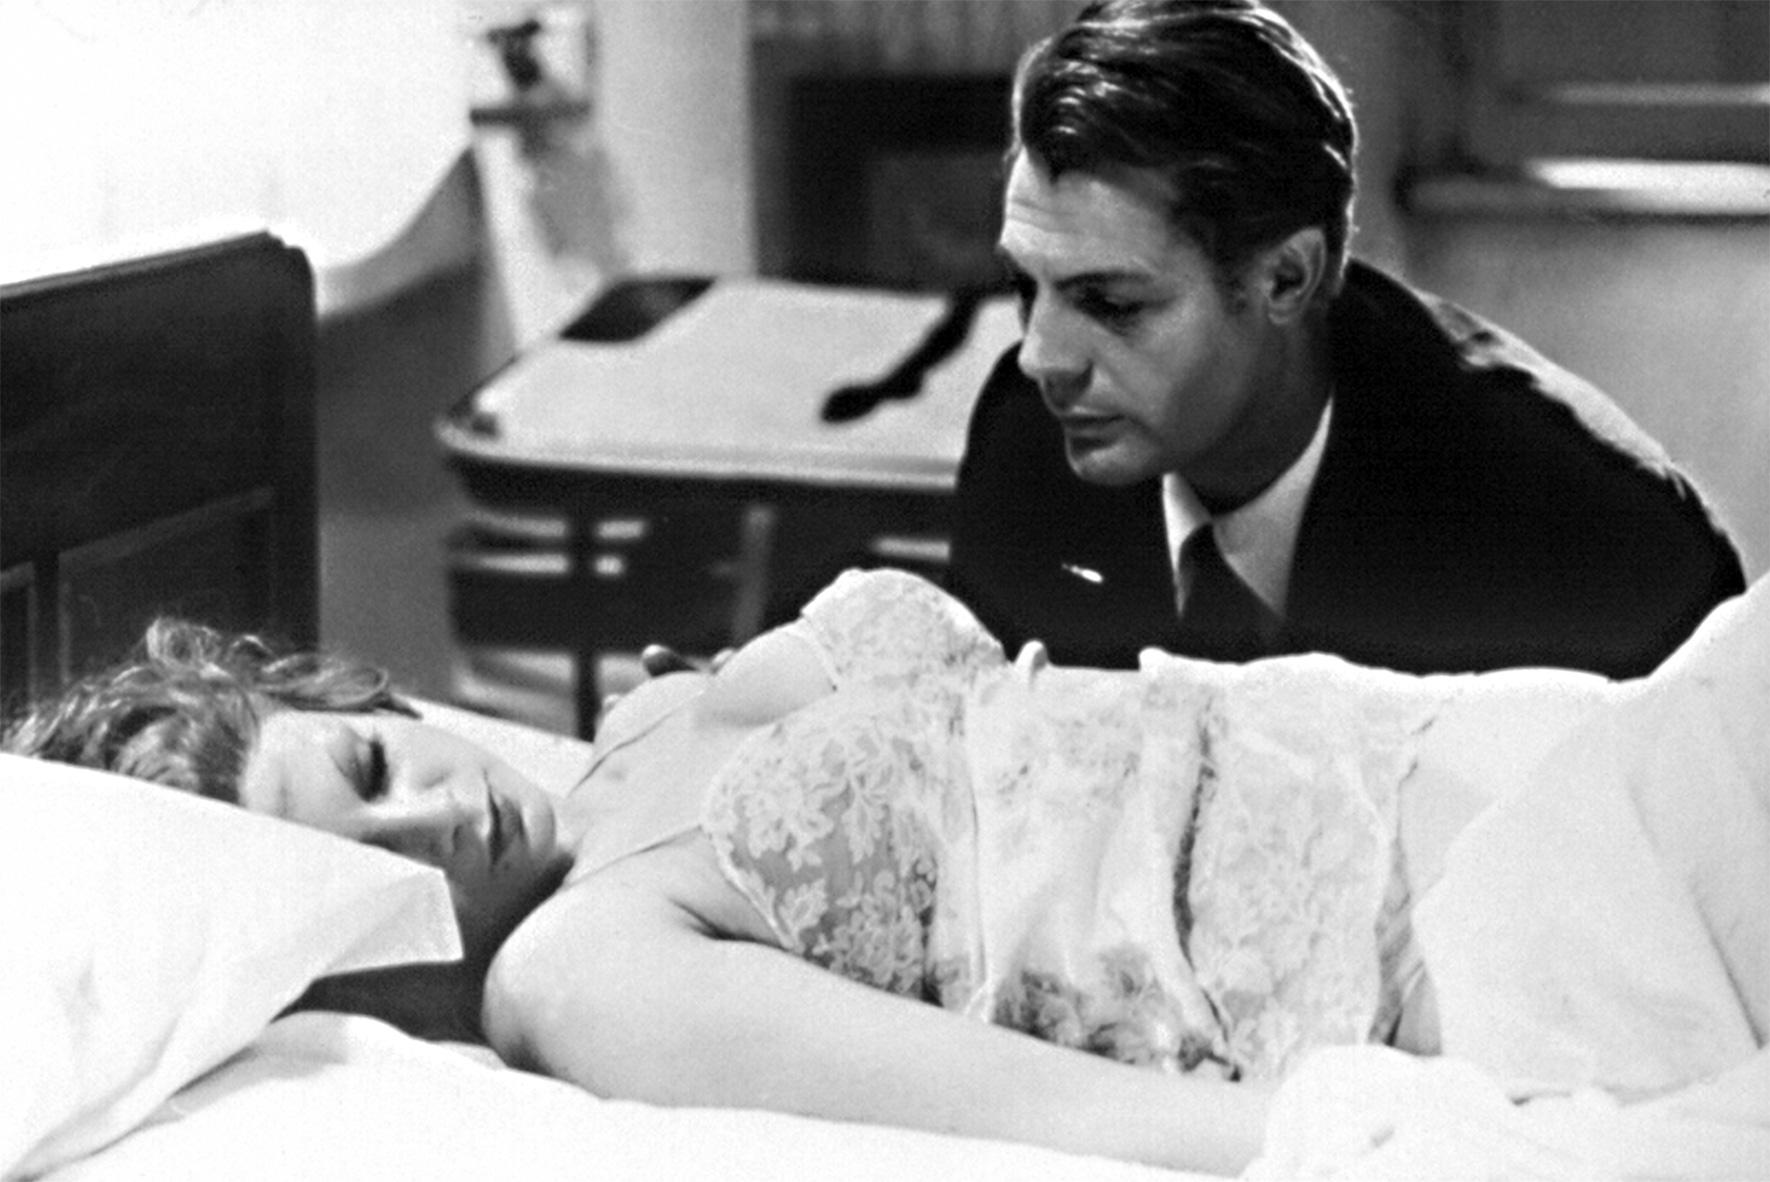 Guido Anselmi (Marcello Mastroianni) sitzt neben einem Bett und betrachtet die darin liegende, schlafende Blondine.